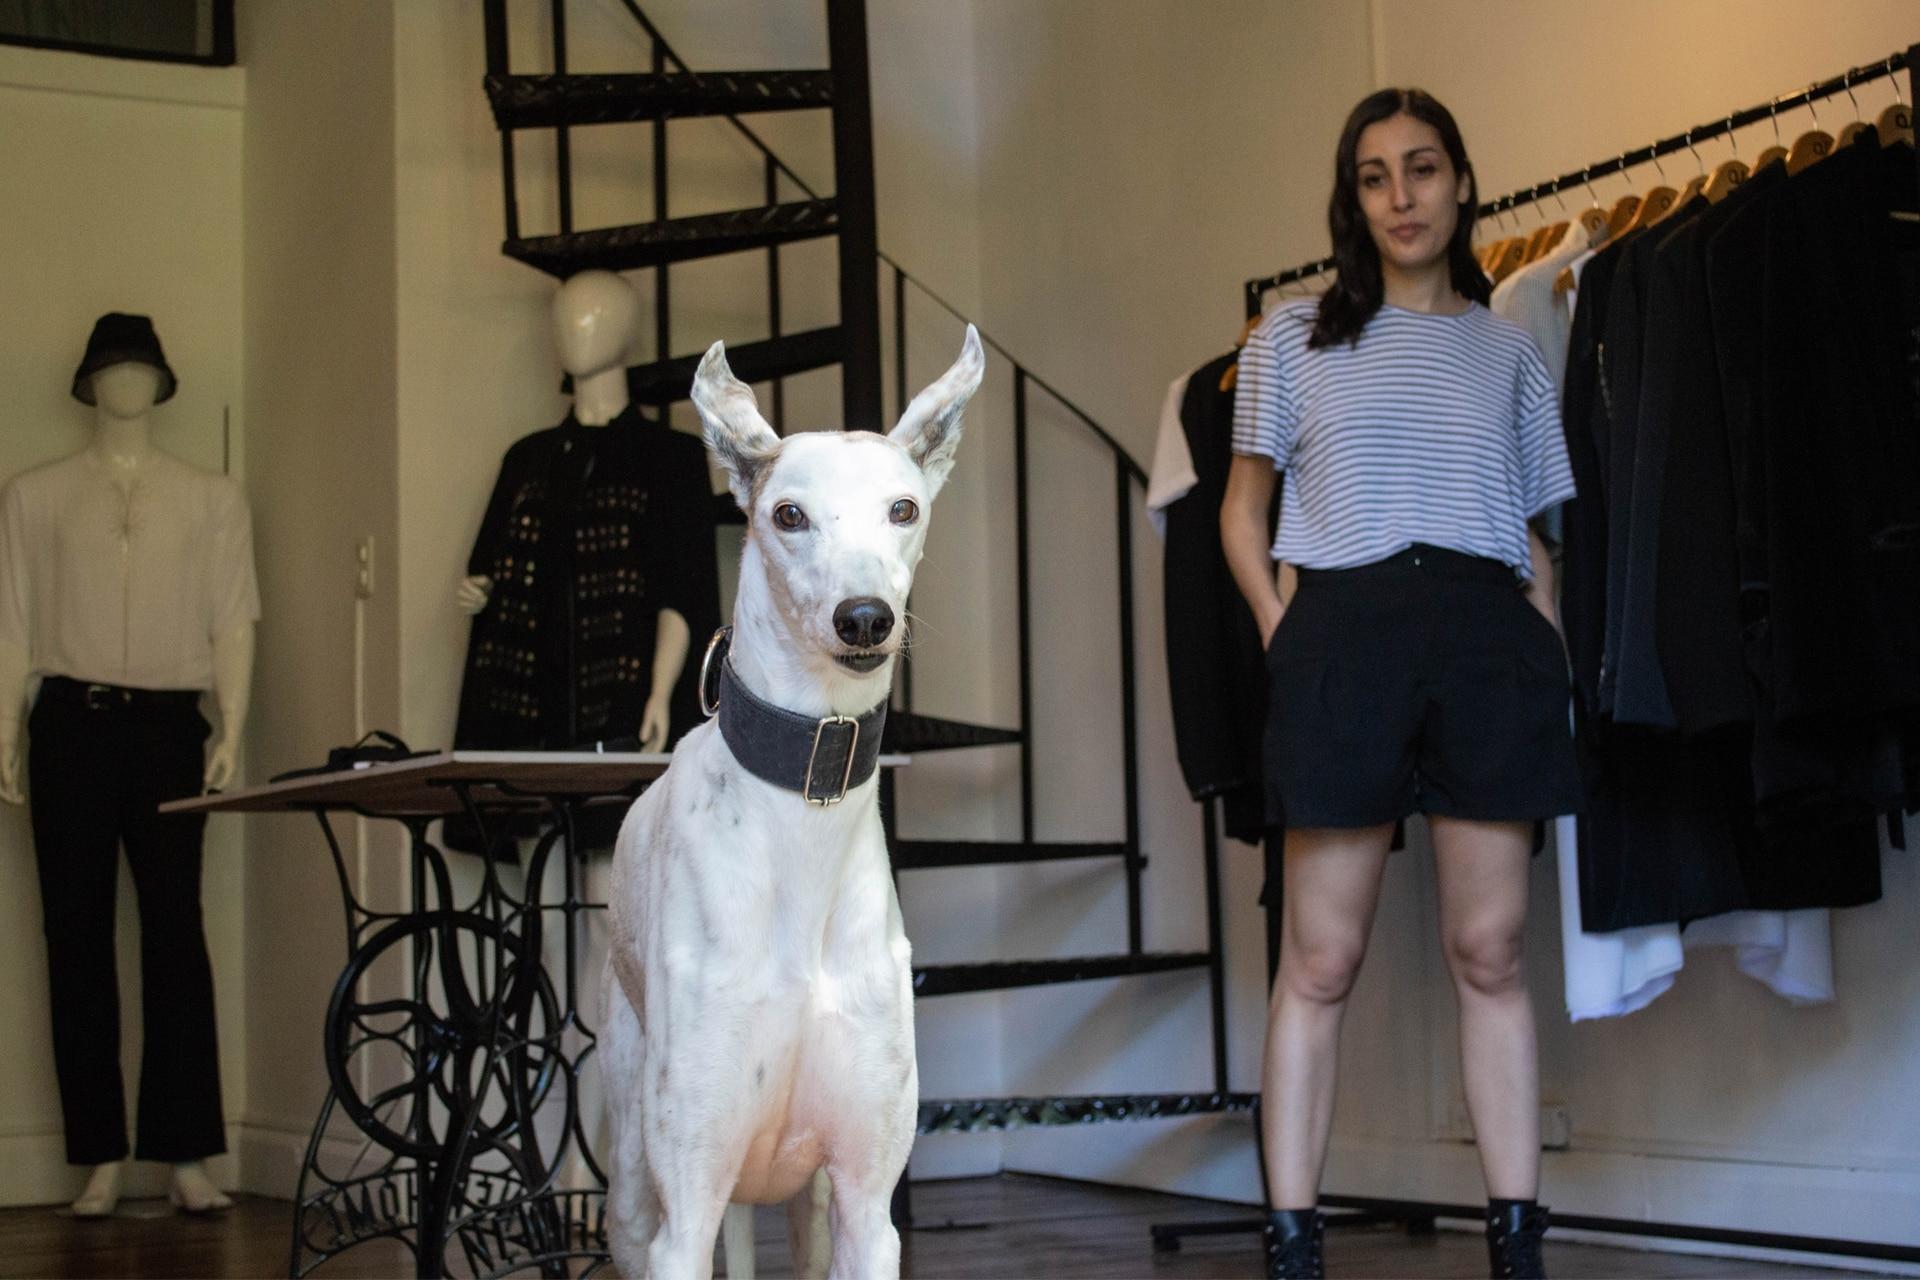 Charo y su humana la diseñadora de moda Andrea Urquizu tuvieron una conexión inmediata. Hoy son compañeras inseparables y hacen muchas actividades juntas.